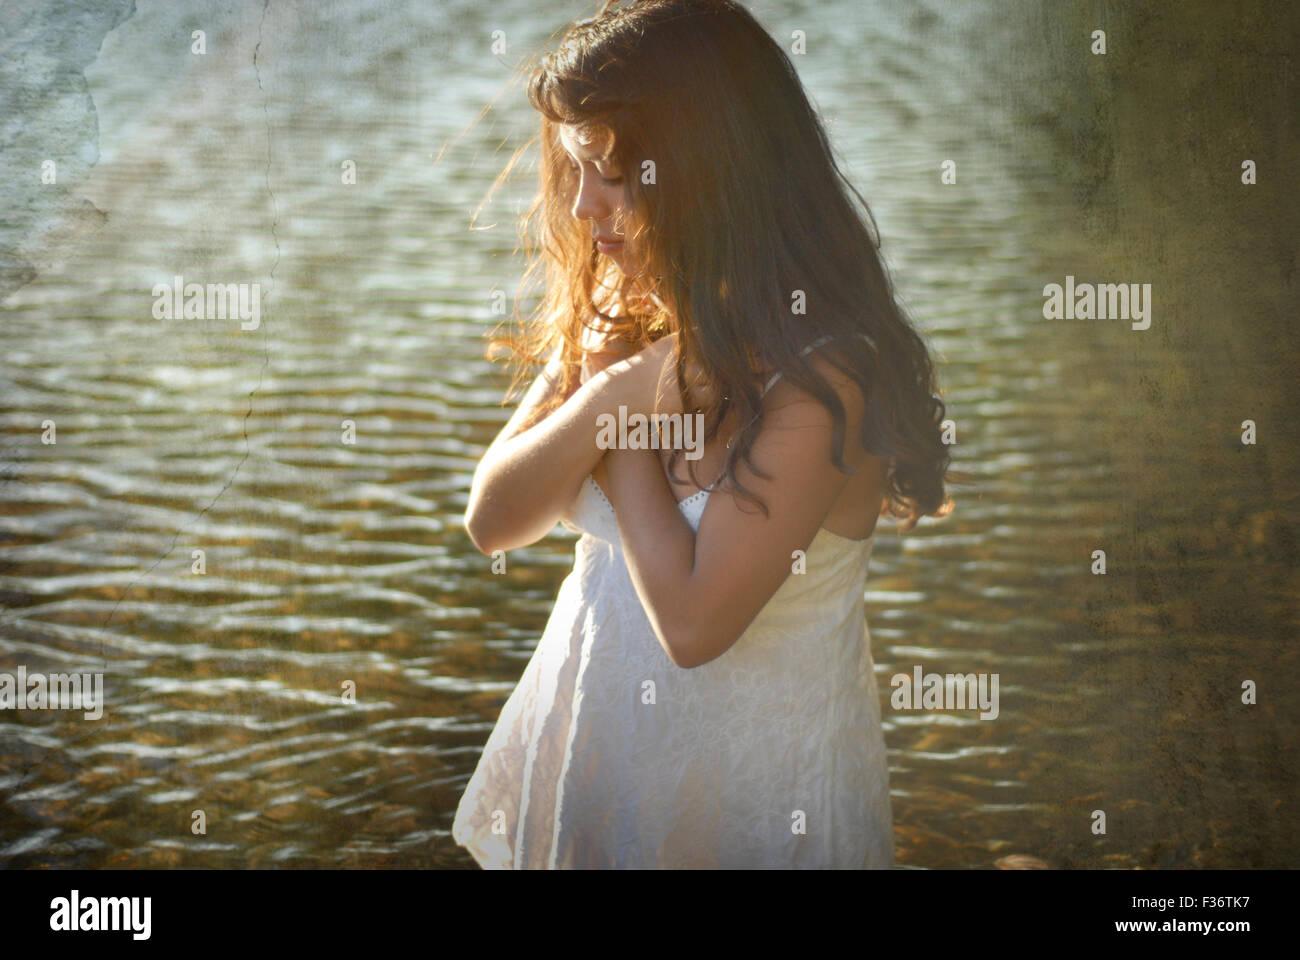 Mädchen Kreuz Arme im Wasser den Fluss Sommer weißes Kleid langes Haar Stockbild